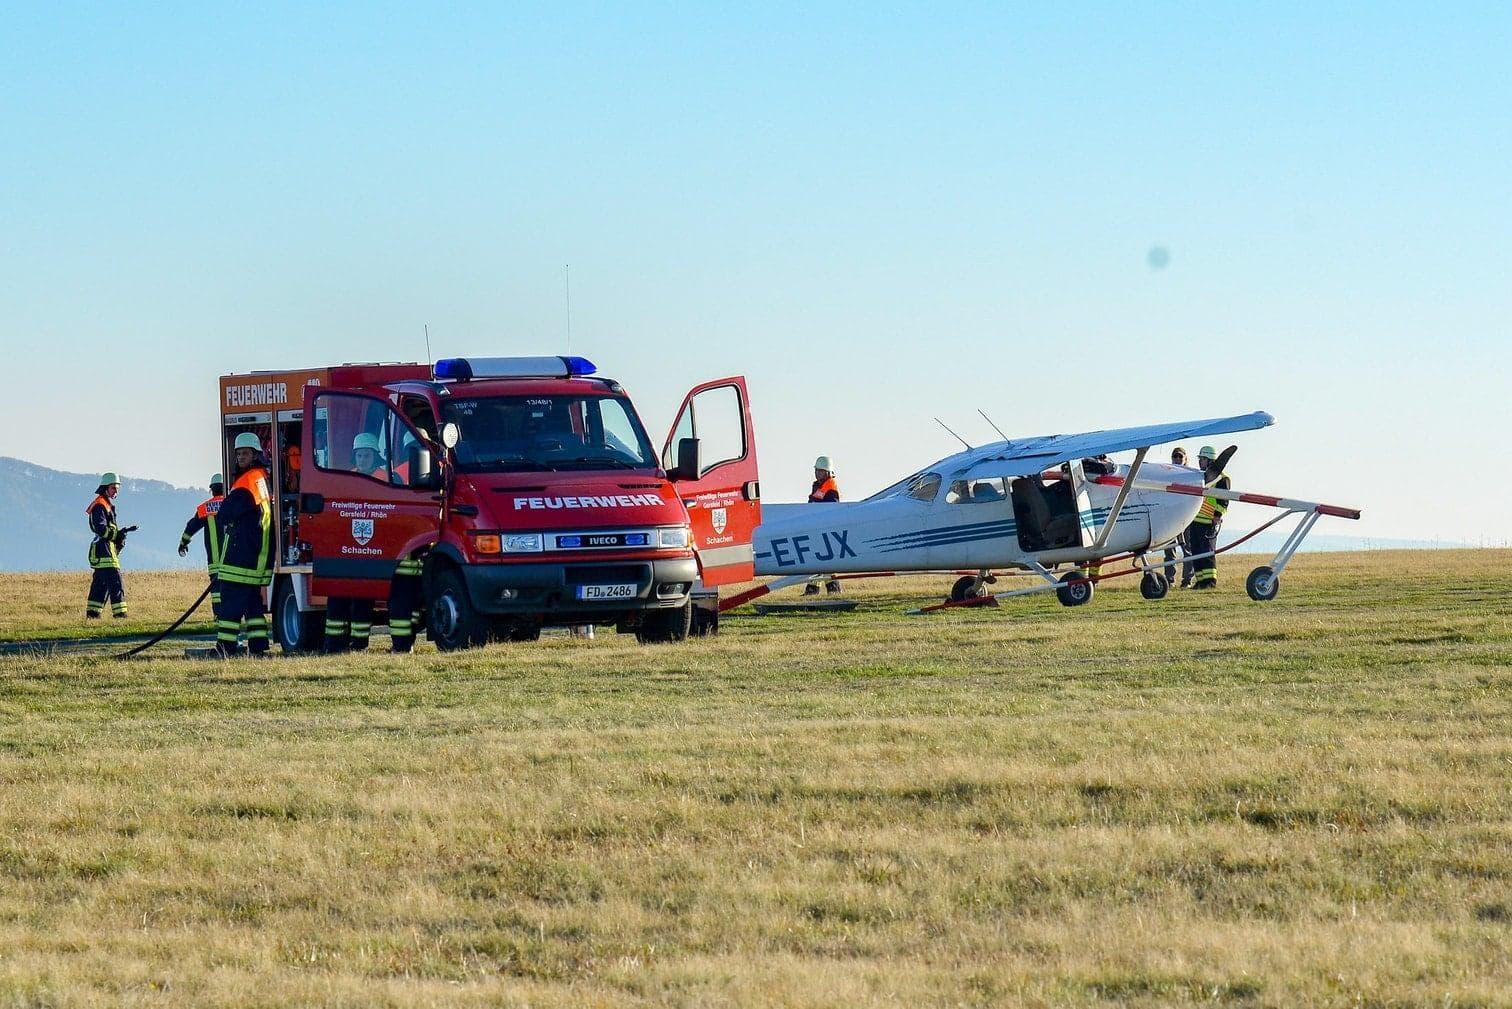 der Wasserkuppe. Nach ersten Erkenntnissen der Polizei traten bei der Landung des Flugzeugs auf dem dortigen Flugplatz Probleme auf. Der 56 Jahre alte Pilot versuchte offenbar noch durchzustarten